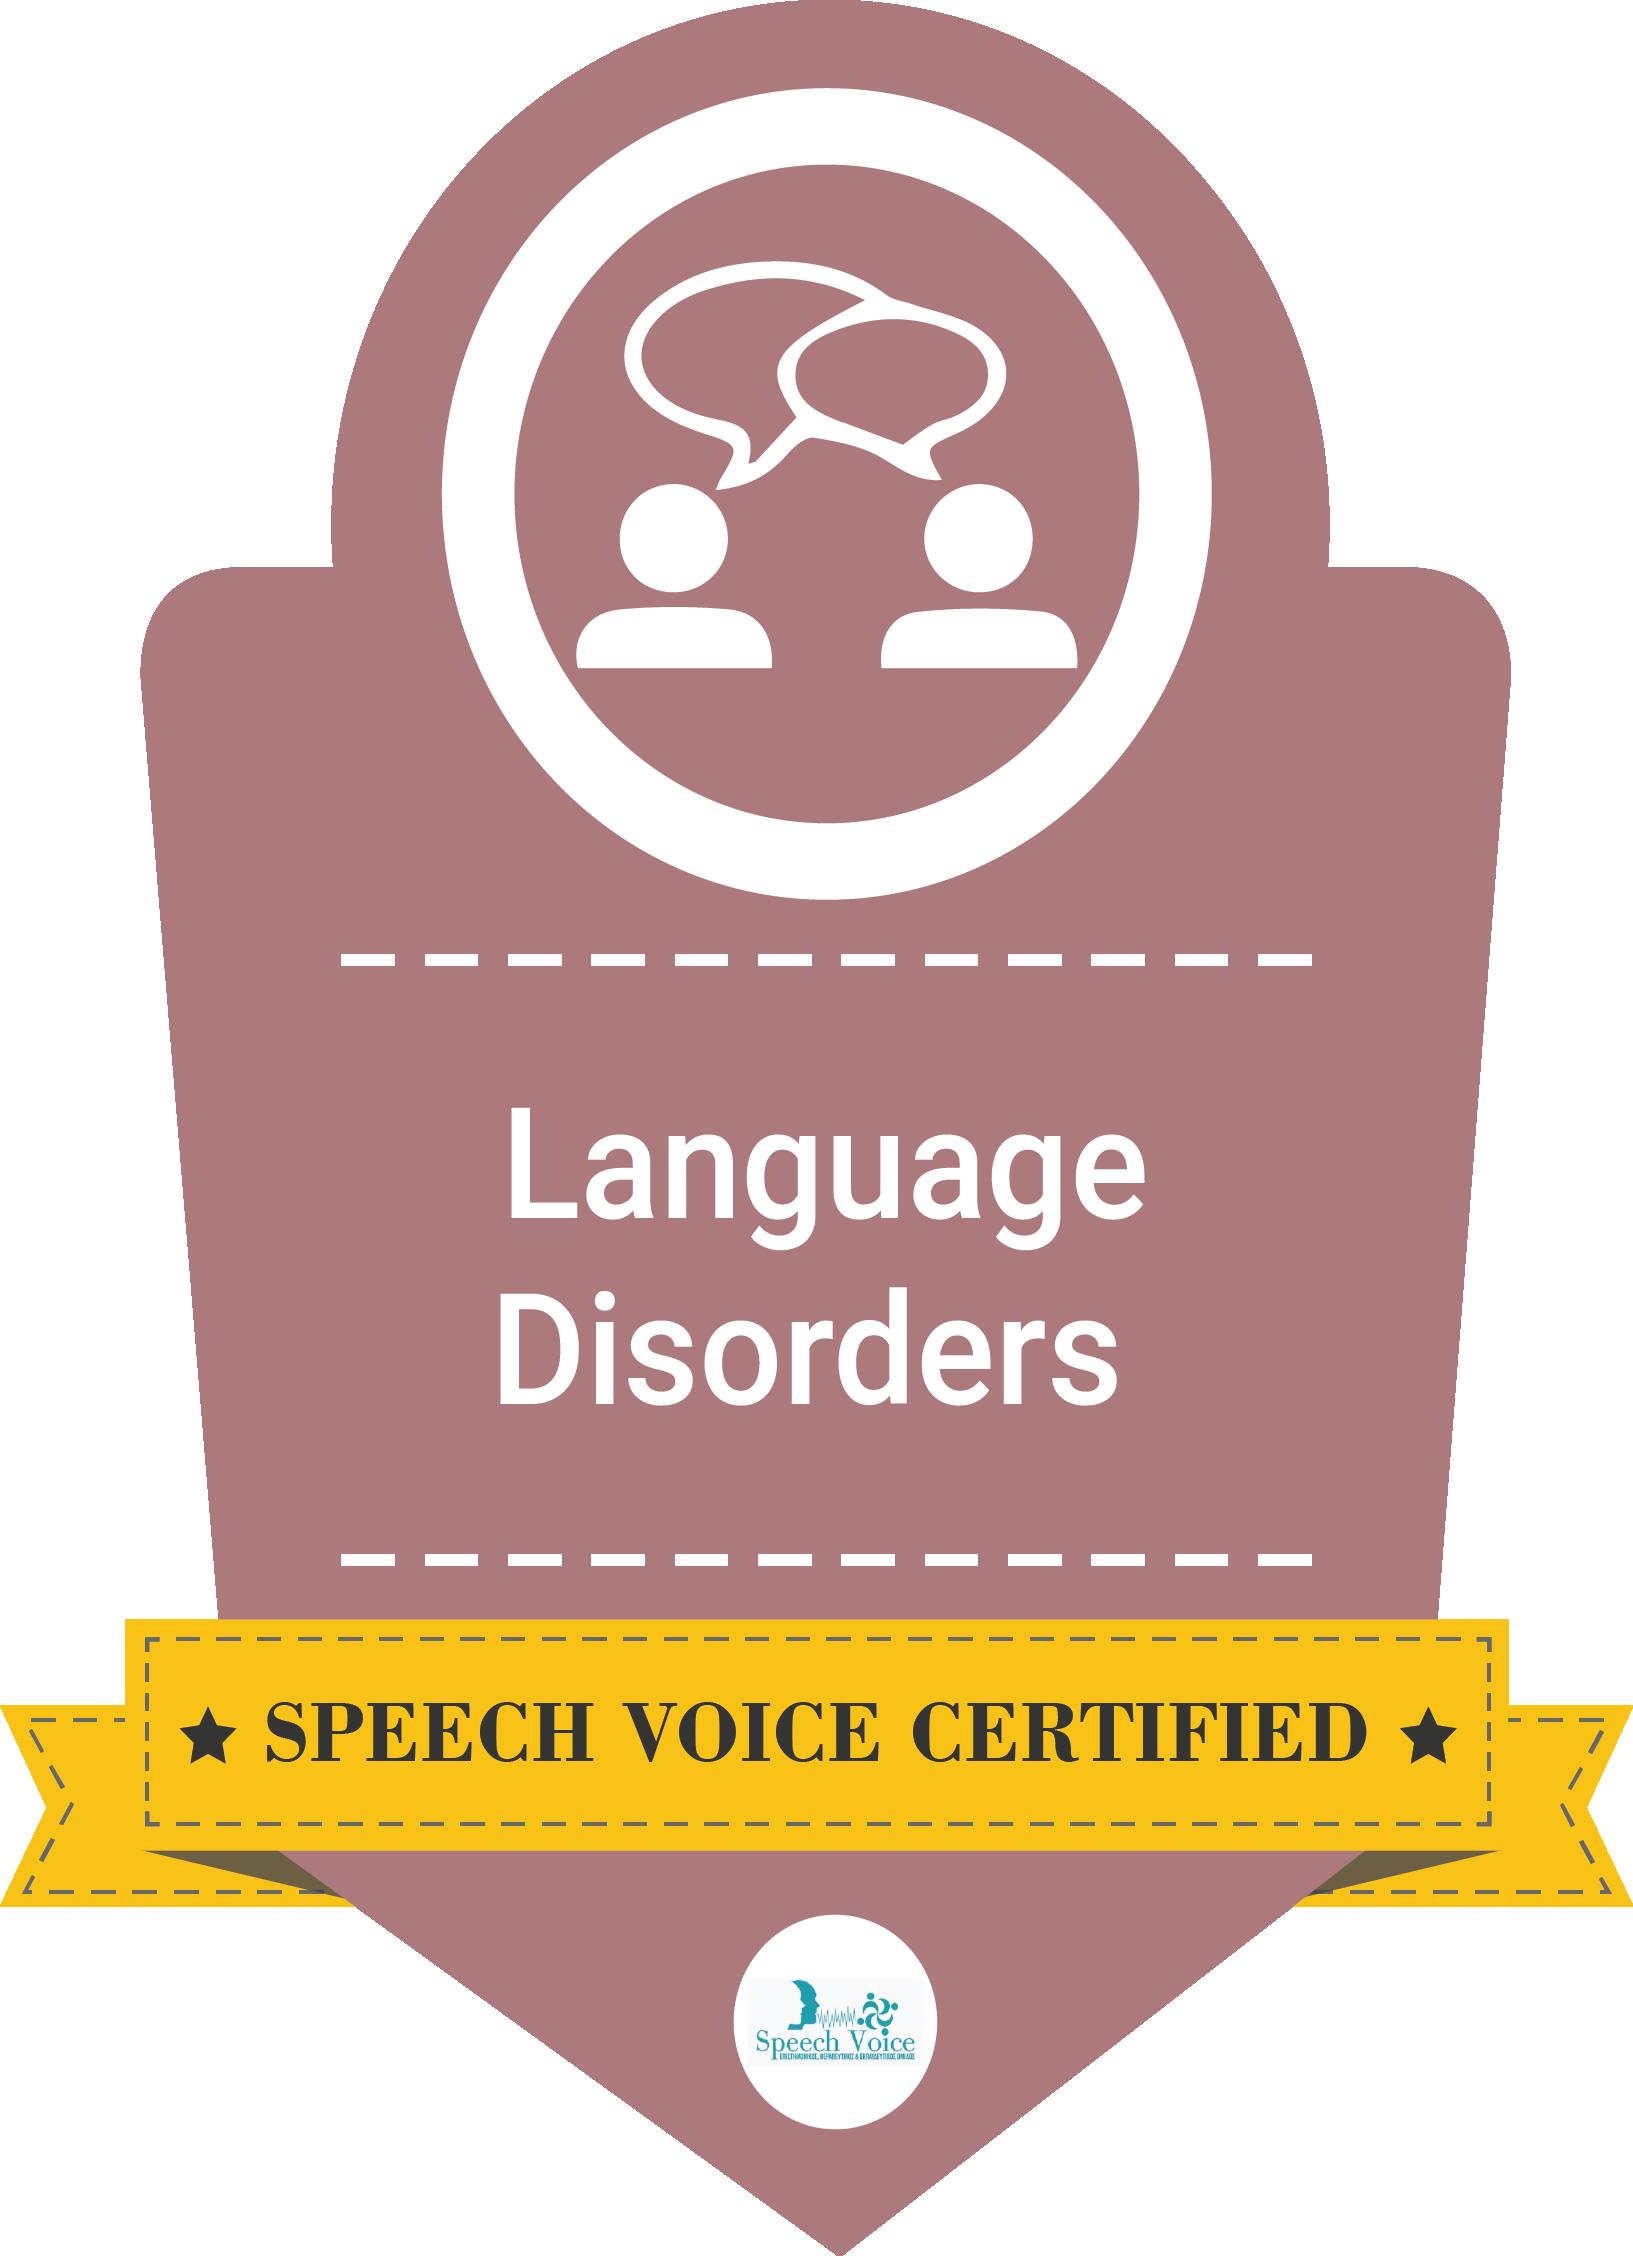 Σεμινάρια Λογοθεραπείας, Αναπτυξιακές Γλωσσικές Διαταραχές, Σεμινάρια Γλωσσικών Διαταραχών, Σεμινάρια Λογοθεραπείας για Παιδιά, Σεμινάρια Ειδικής Αγωγής, Σεμινάρια Ειδικής Γλωσσικής Διαταραχής